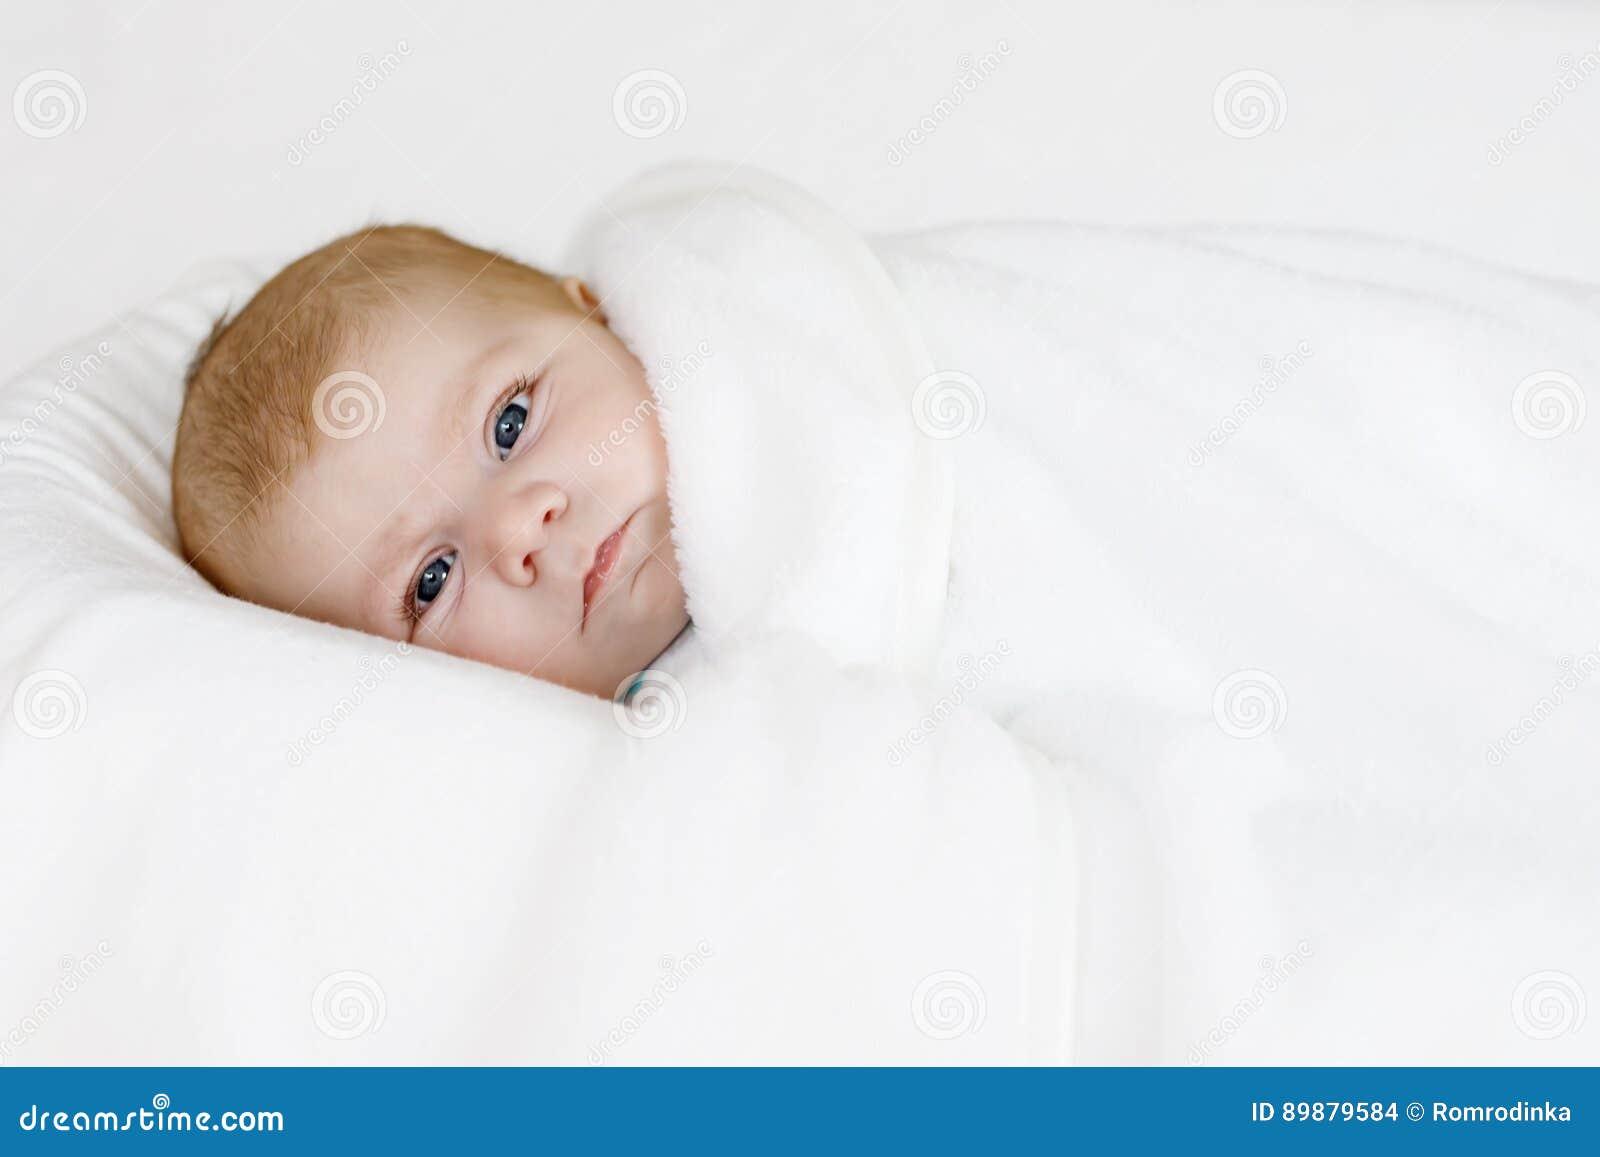 addd518cb Pequeño Bebé Recién Nacido Lindo Envuelto En La Manta Blanca Foto de ...